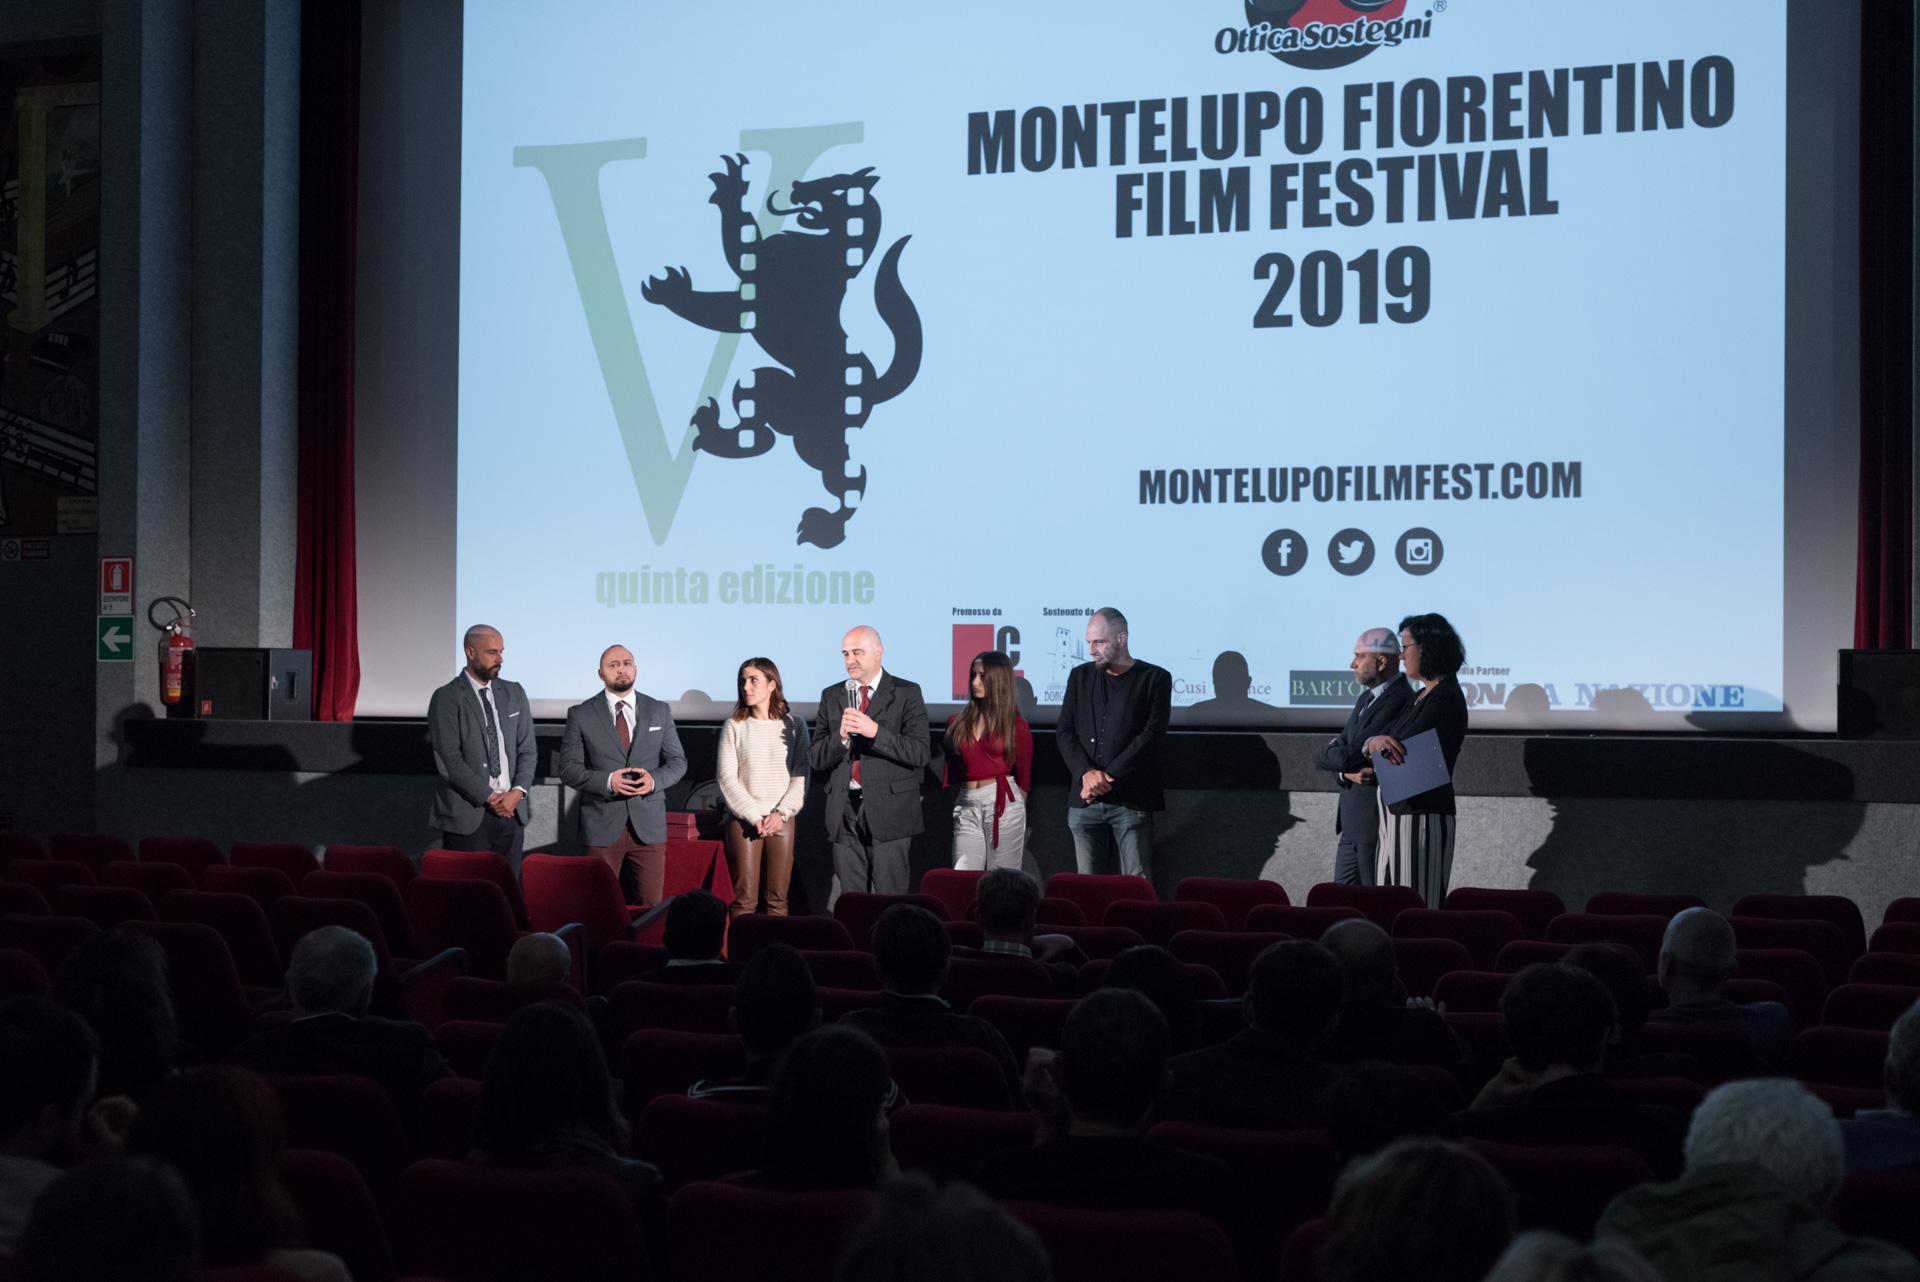 Montelupo Aperte le iscrizioni al Montelupo Fiorentino International Independent Film Festival 2020 DSC 9124